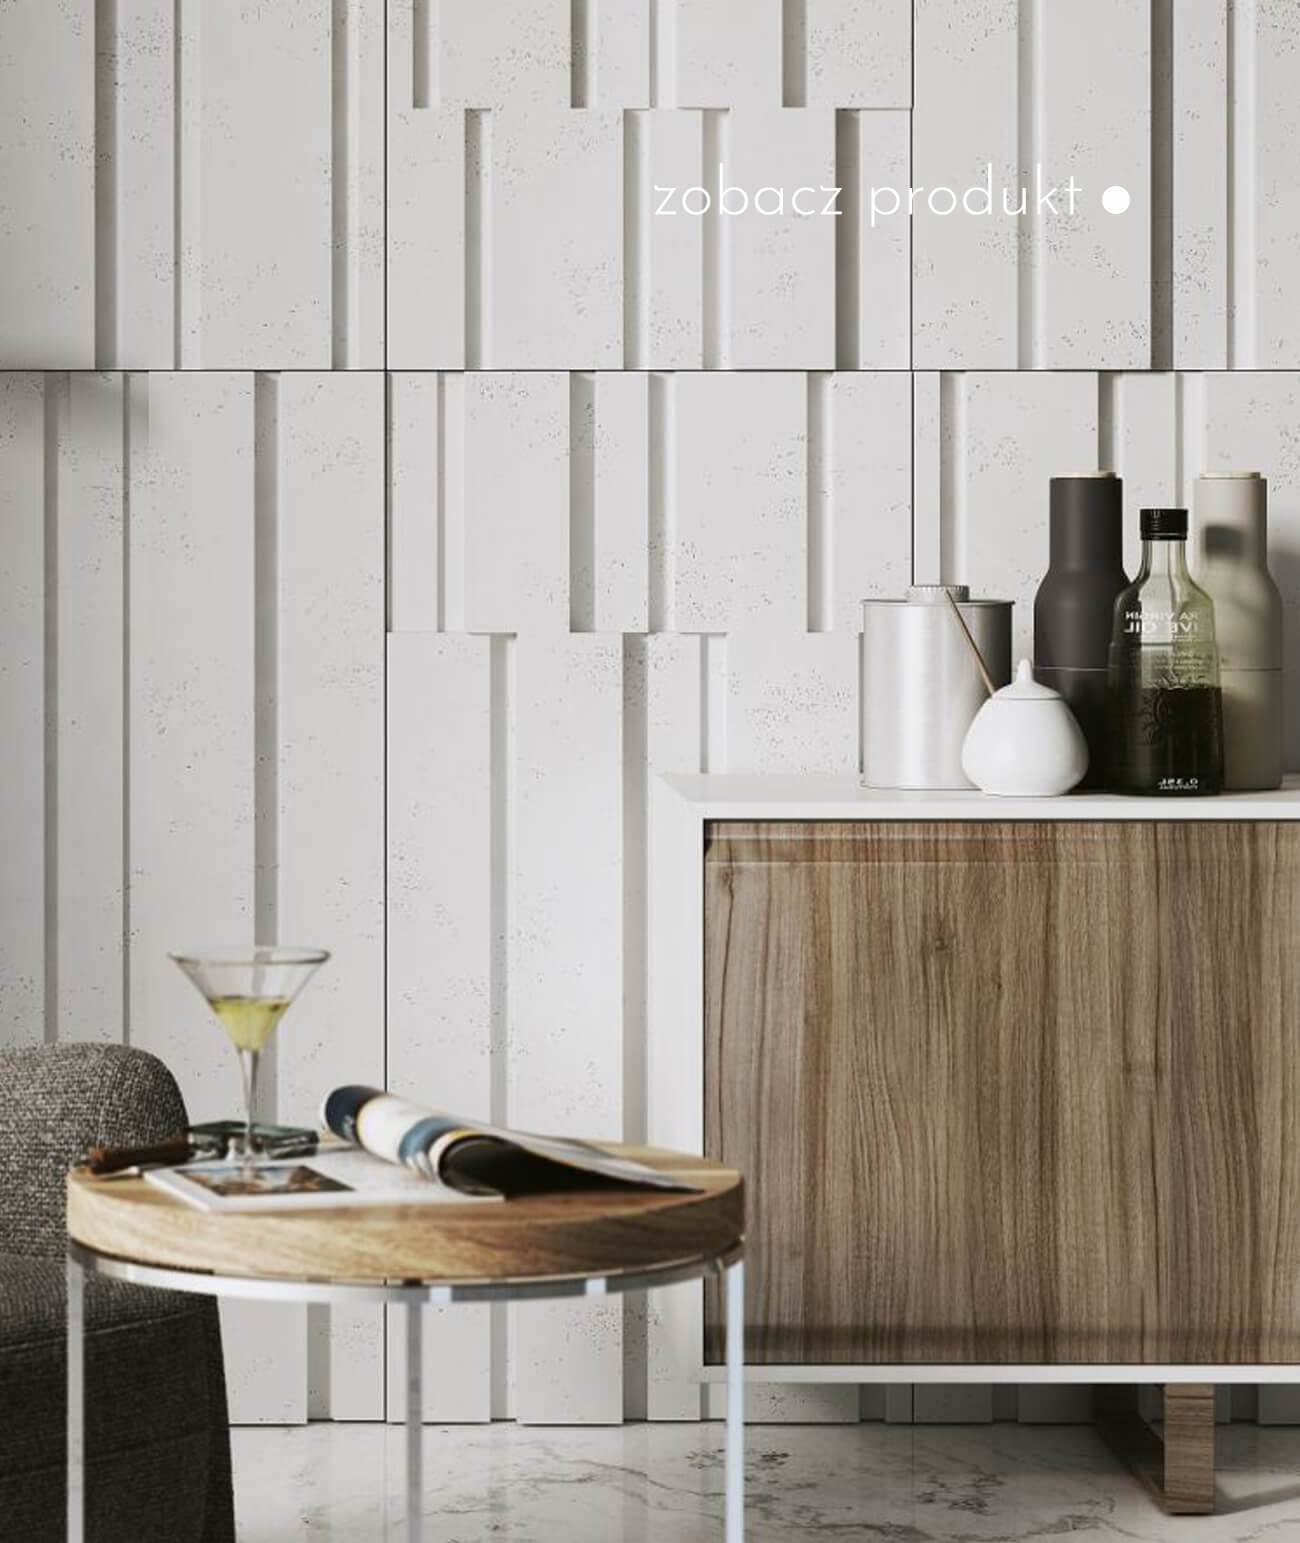 panele-betonowe-3d-scienne-i-elewacyjne-beton-architektoniczny_456-2449-pb13-b0-bialy-kod---panel-dekor-3d-beton-architektoniczny-panel-scienny